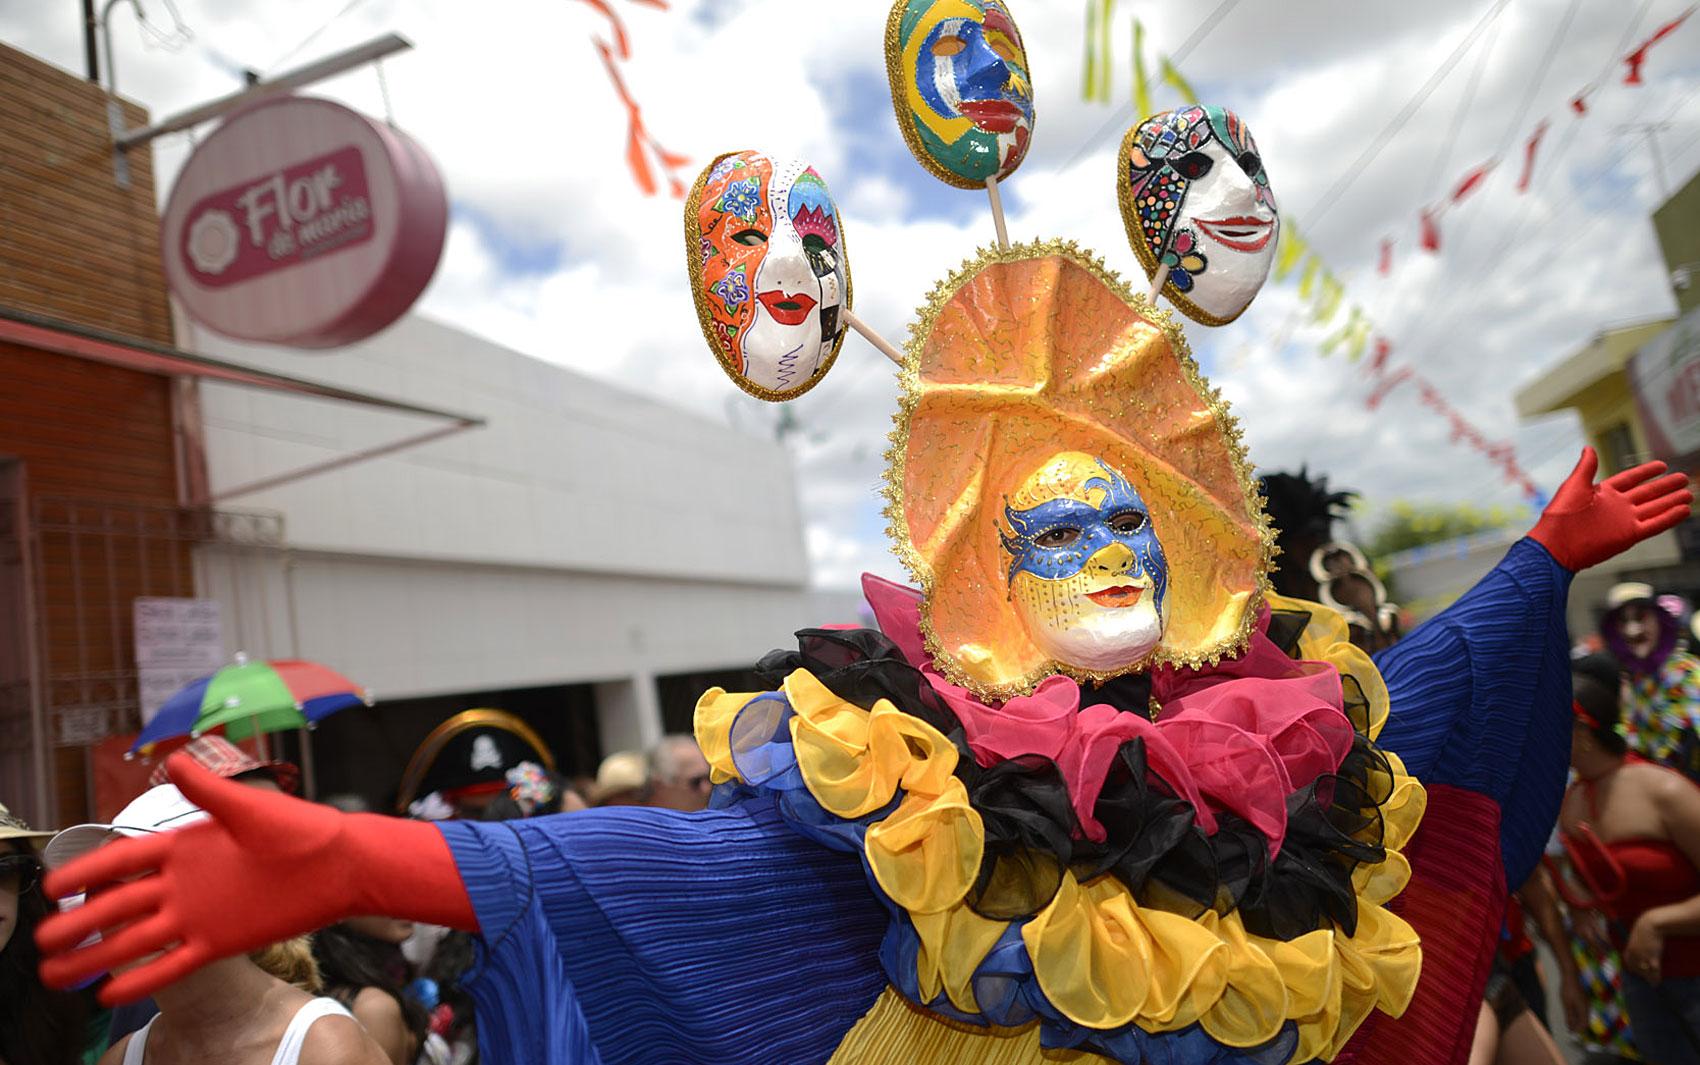 http://s.glbimg.com/jo/g1/f/original/2013/02/10/papangu_bracosabertos.jpg